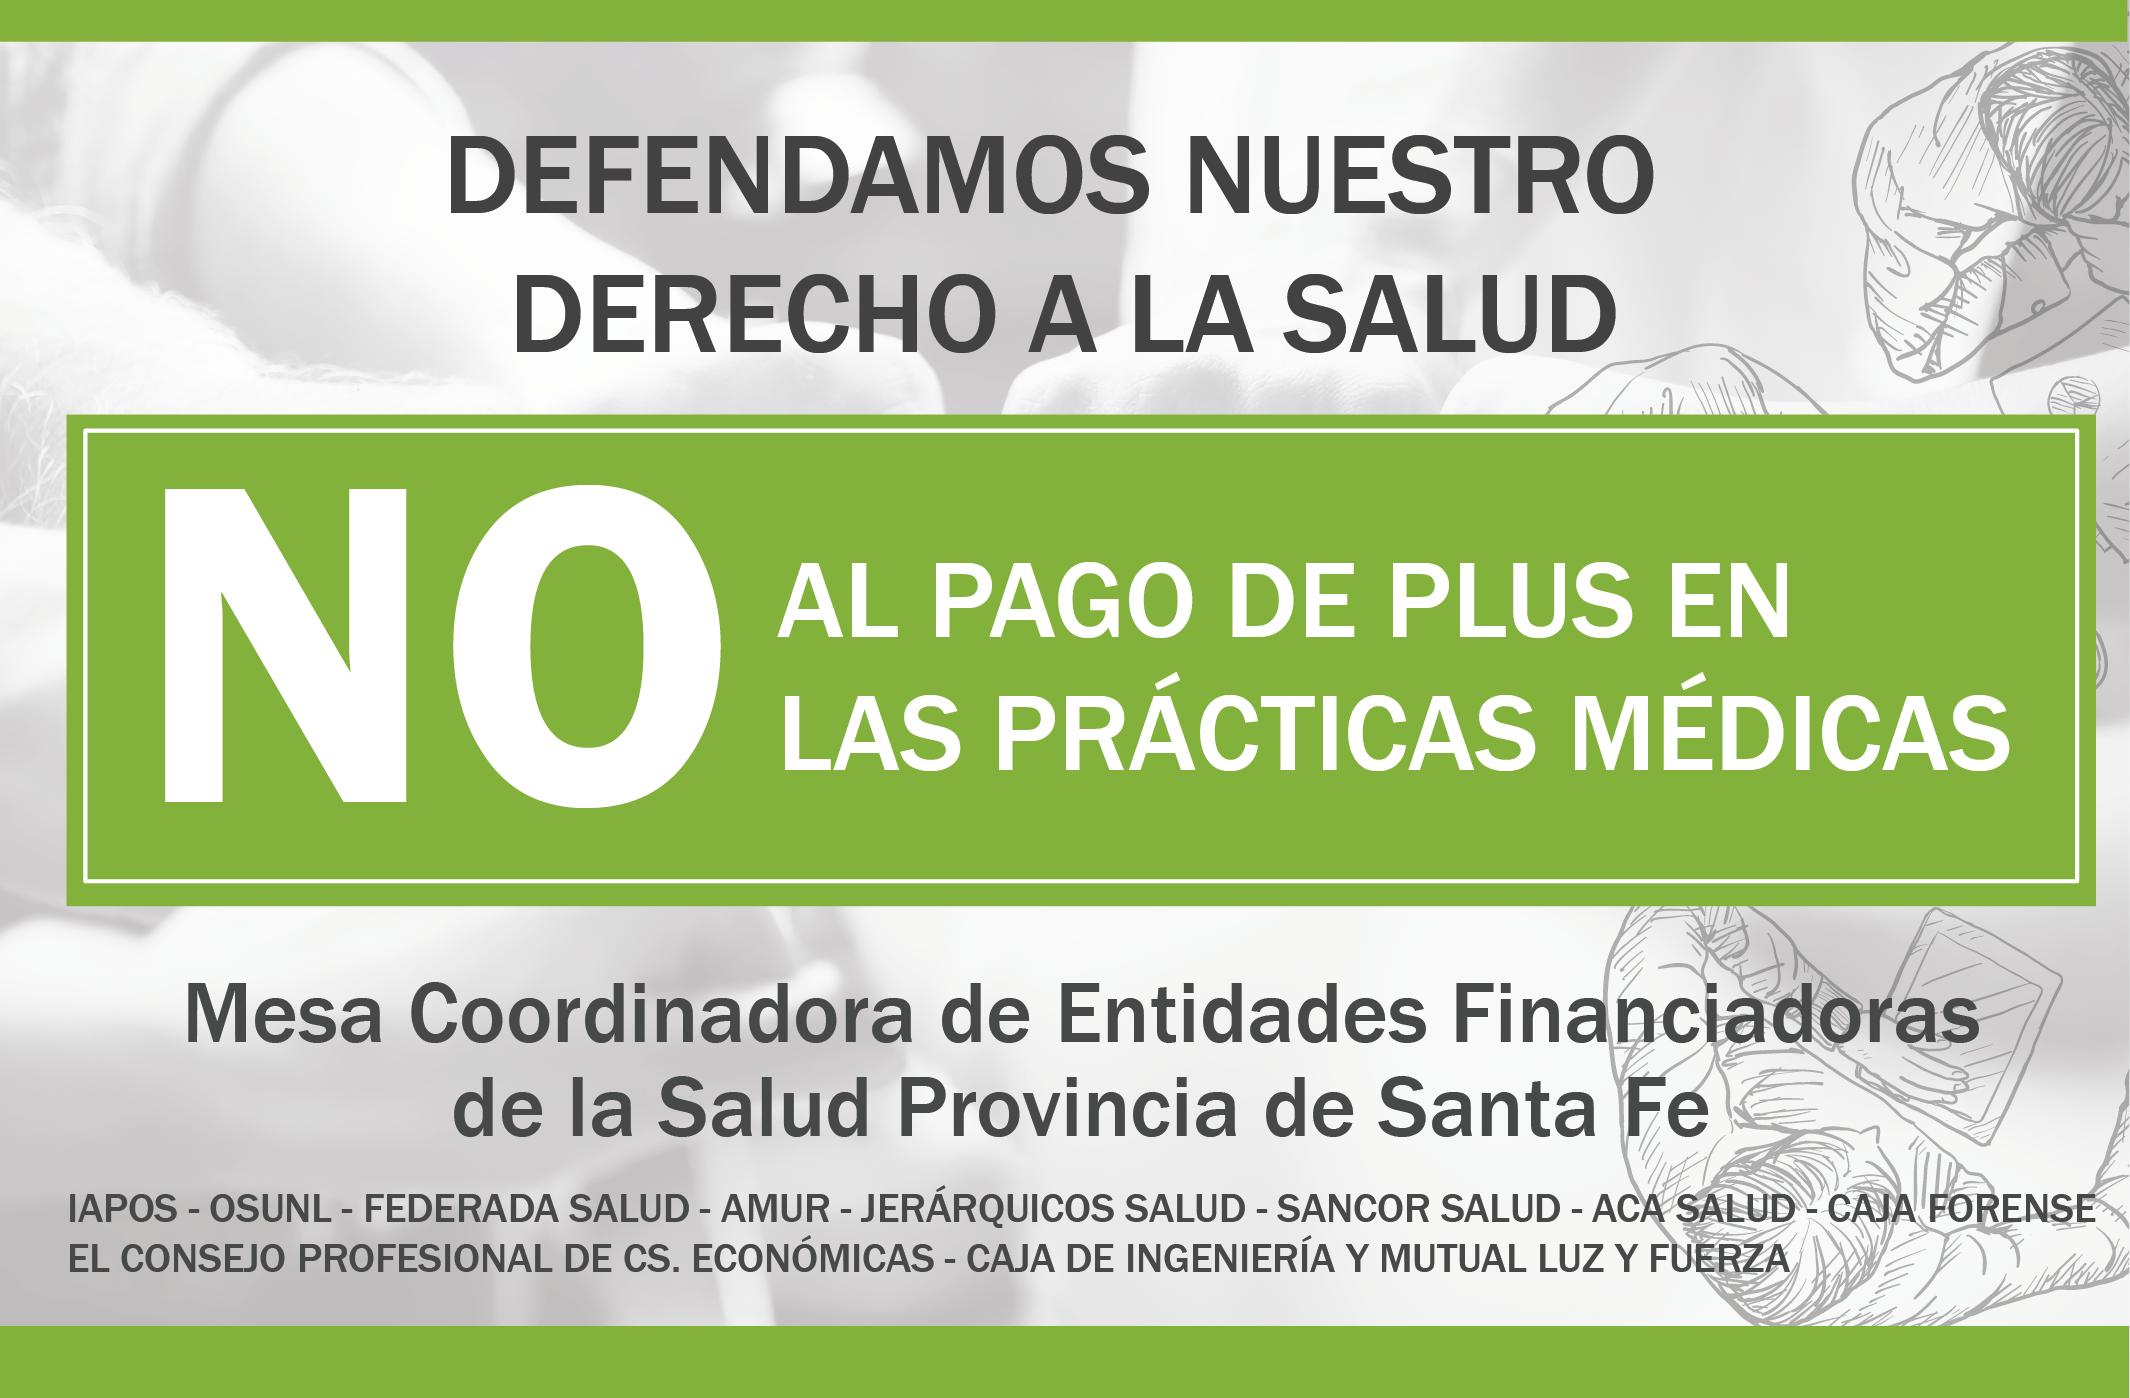 Financiadoras de salud de Santa Fe se pronuncian contra el cobro de plus